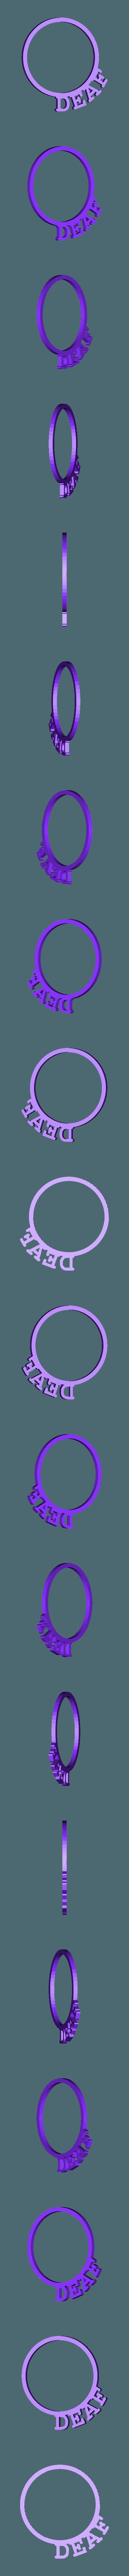 LRingDeaf.stl Download STL file D&D Condition Rings • 3D printable design, Jinja